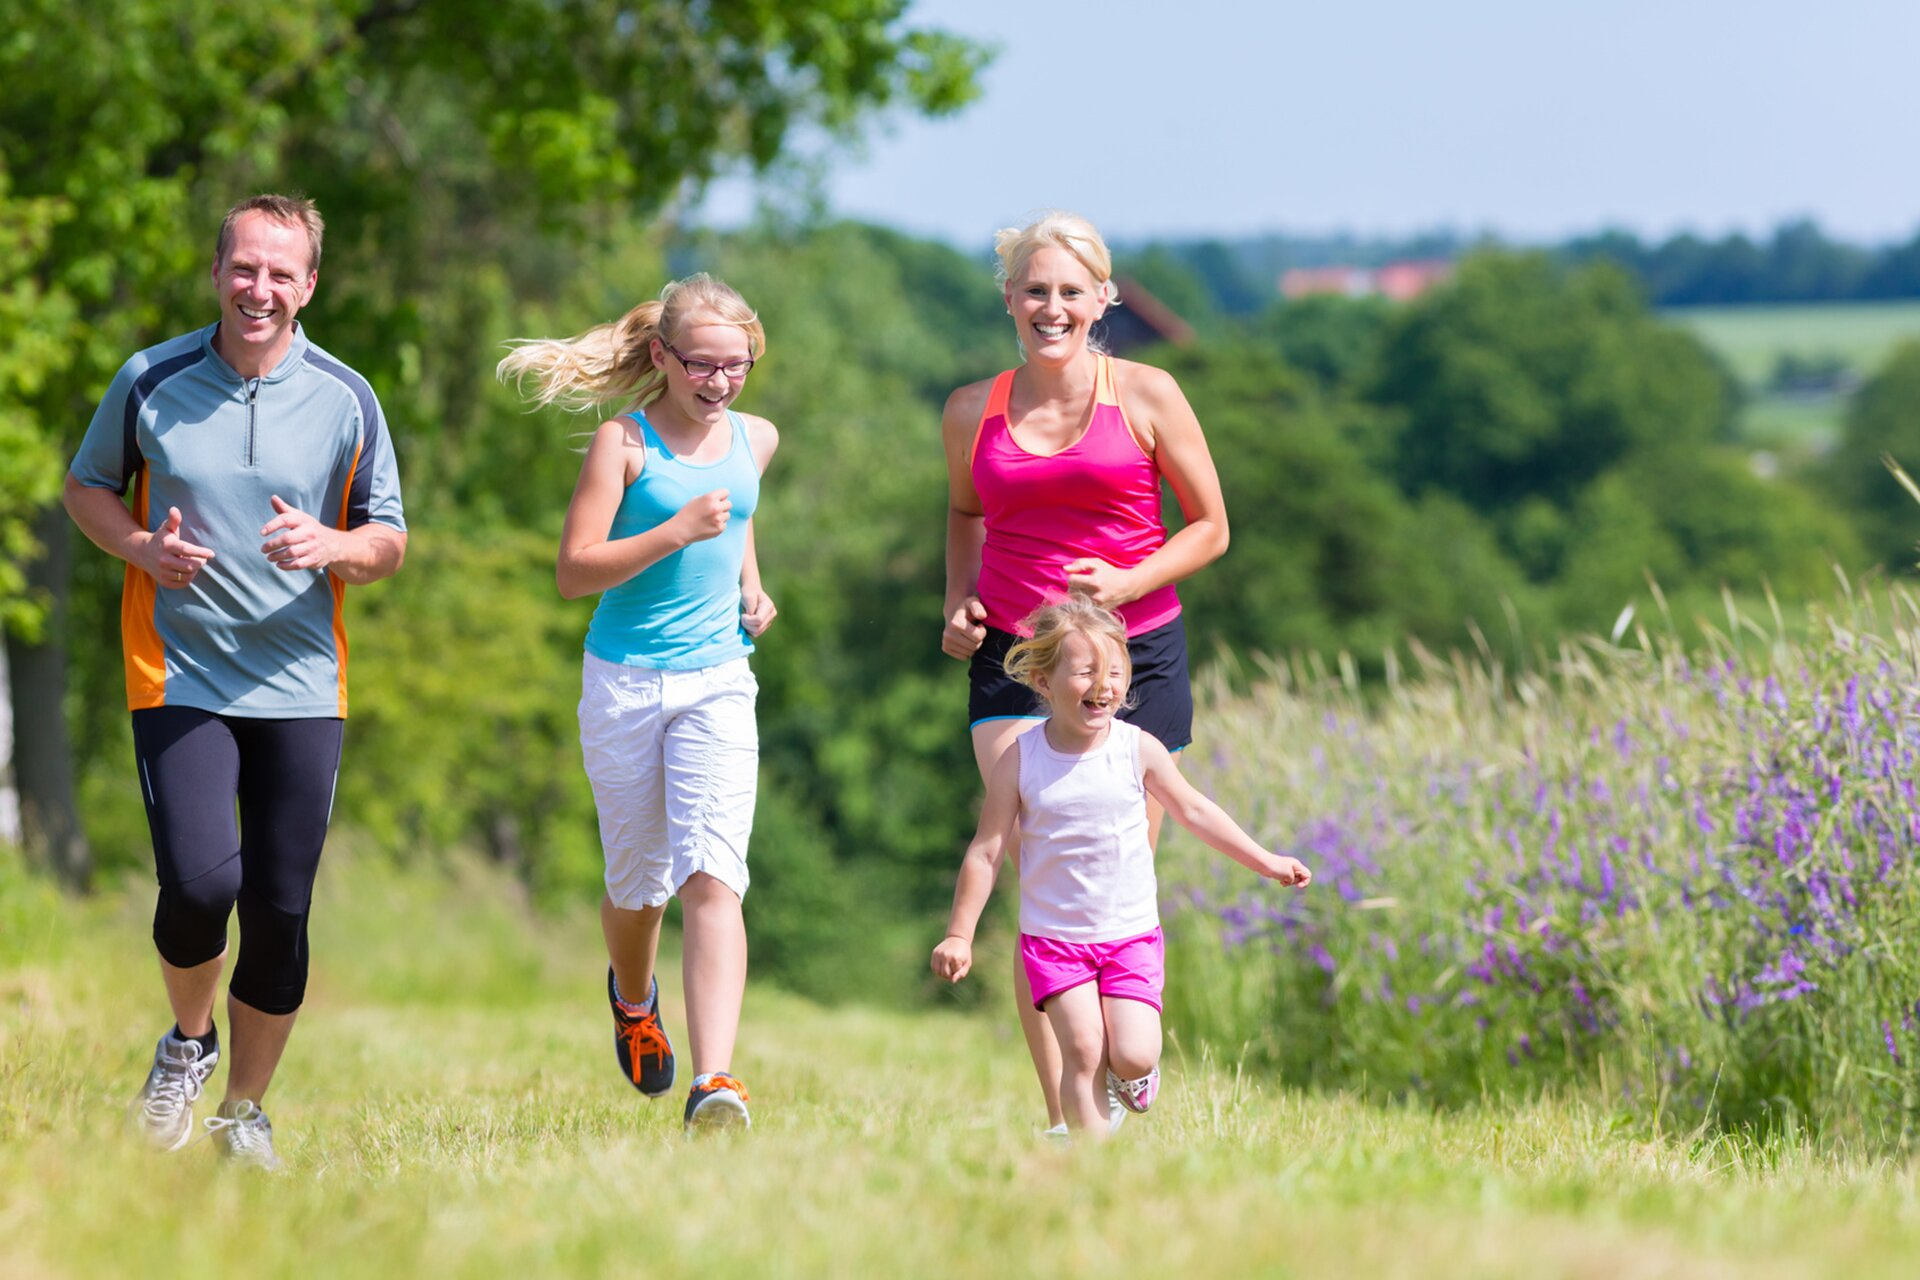 Rodzina uprawiająca biegi na świeżym powietrzu. Na fotografii widoczni biegnący rodzice, apomiędzy nimi dwie dziewczynki, wysoka strasz iniska młodsza.